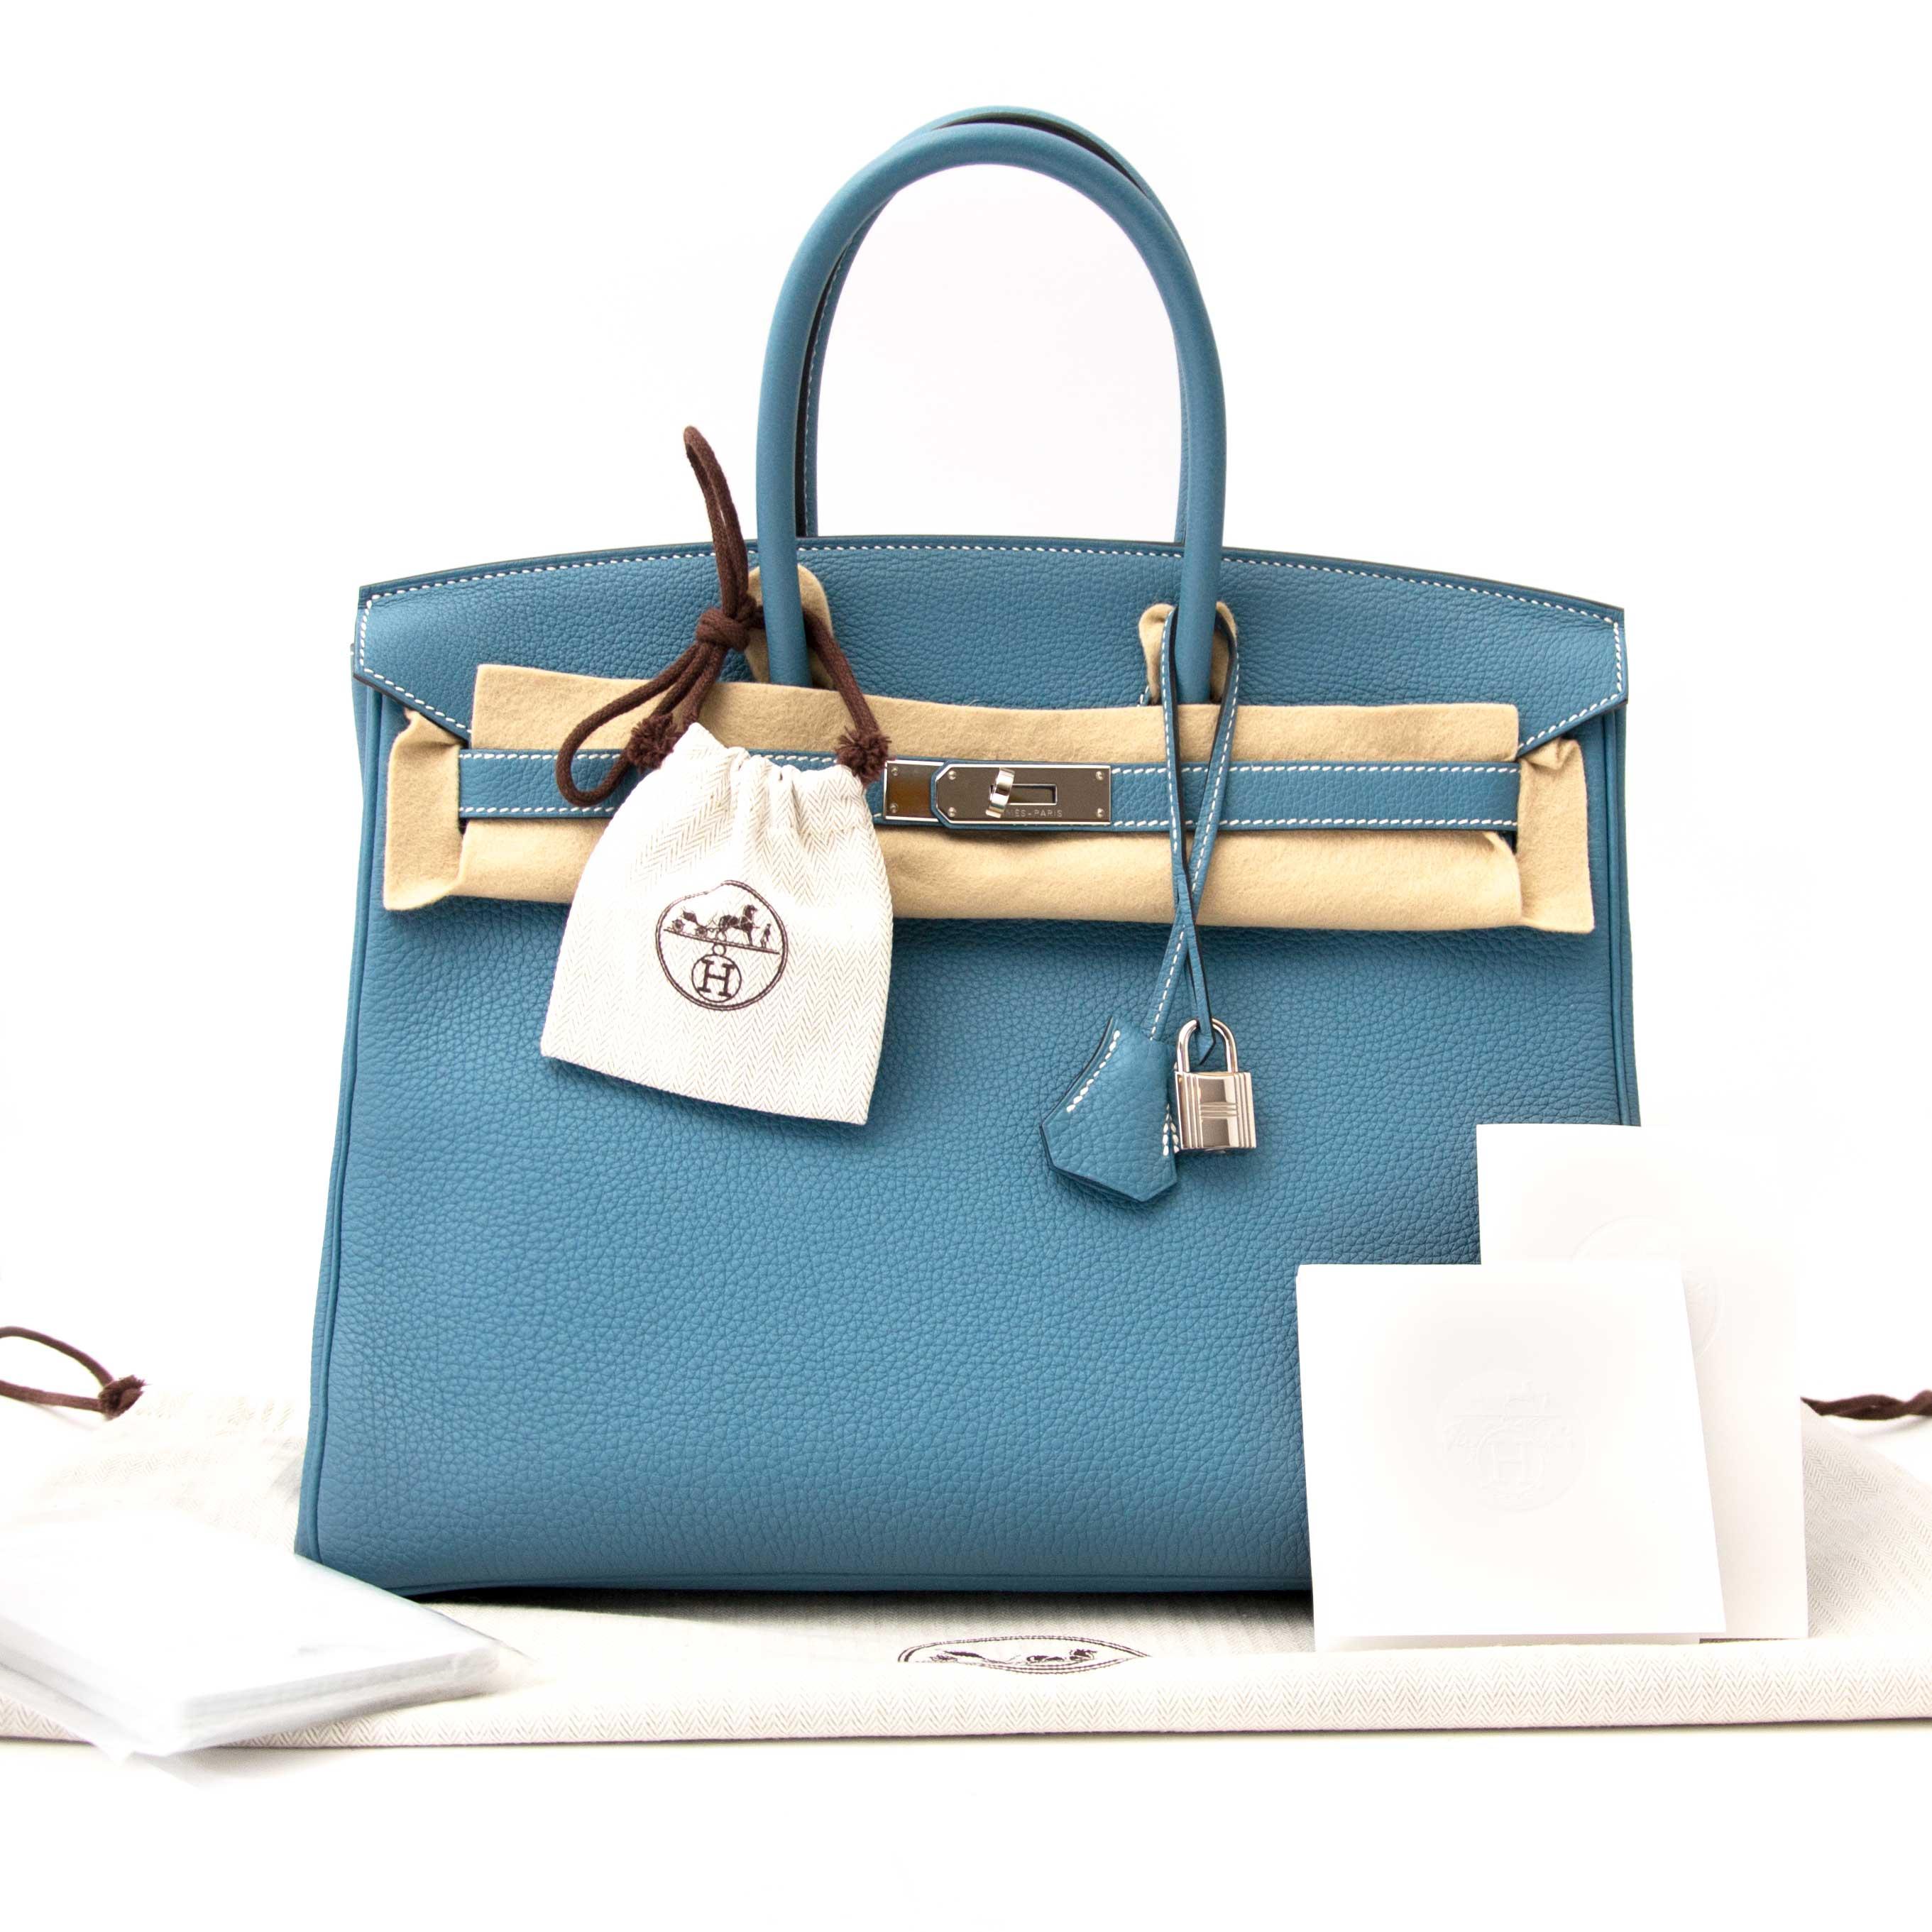 c1b5f66aa07e ... achter enligne pour le meimmeur prix 1000% As New Hermes Birkin Blue  Jeans Togo 35